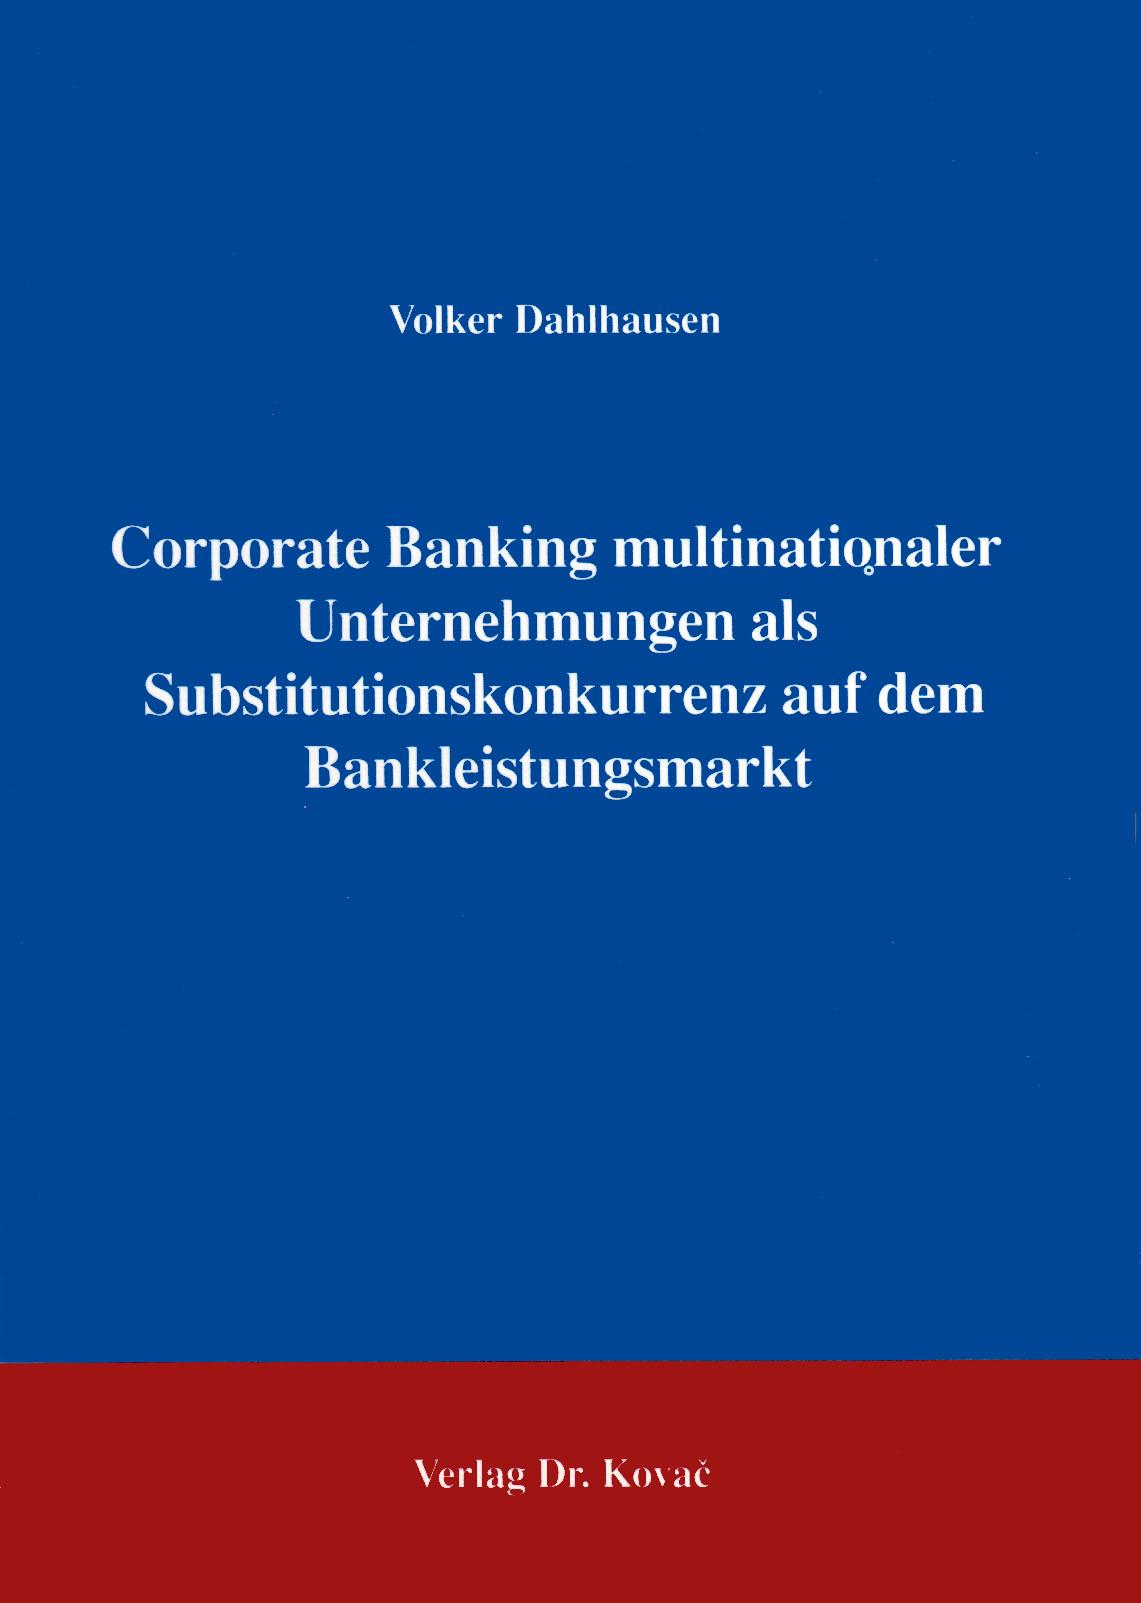 Cover: Corporate Banking multinationaler Unternehmungen als Substitutionskonkurrenz auf dem Bankleistungssektor